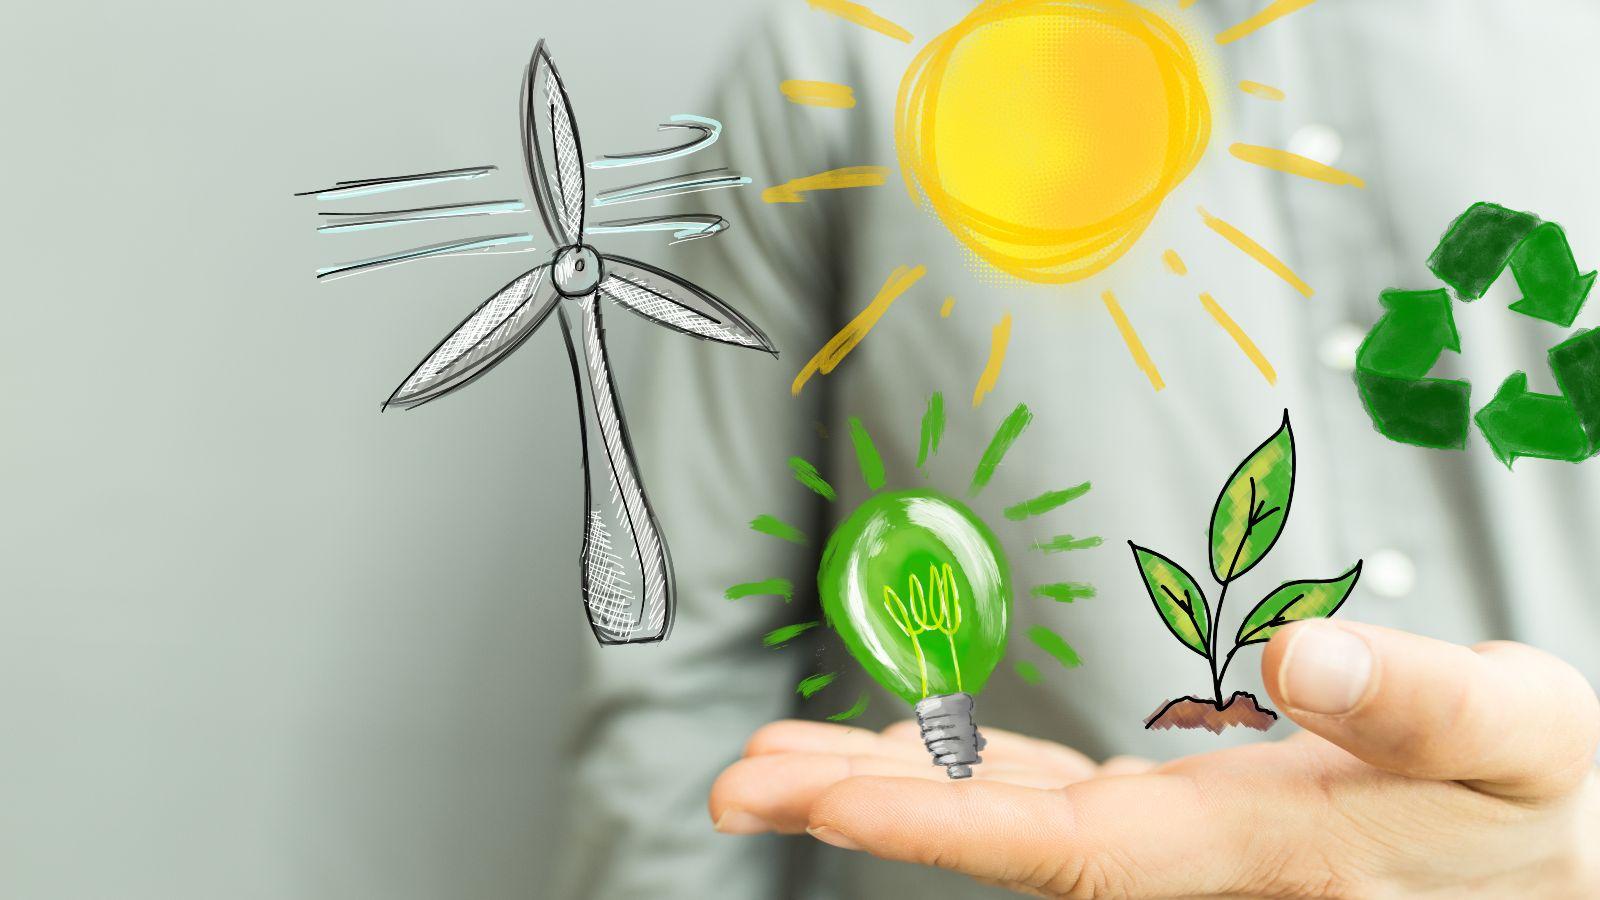 Dieses Bild zegt eine geöffnete Hand, über der ein Windrad, eine grüne Glühbürne, ein gepflanzter Baum, ein Recycling-Zeichen sowie eine Sonne gemalt sind.